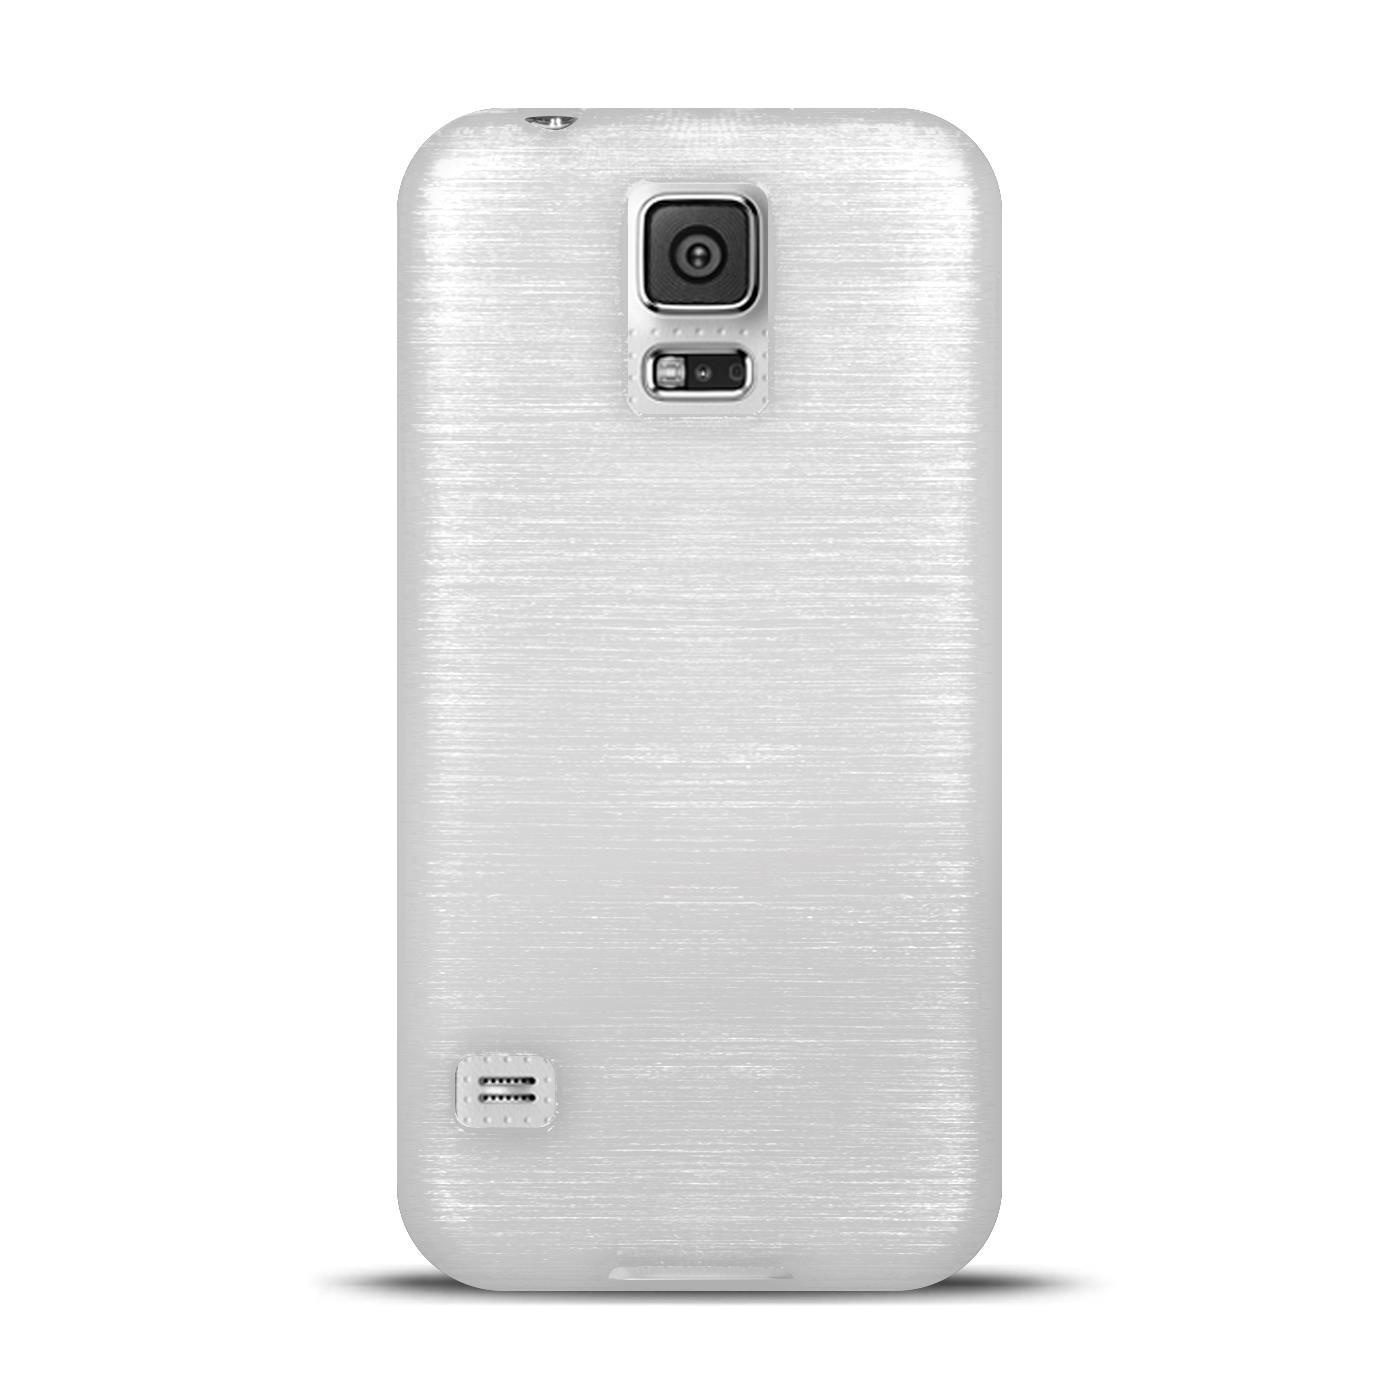 Silikon-Bumper-Case-Samsung-Galaxy-s5-Neo-duenne-ultra-slim-Stossfeste-Rueckschale Indexbild 42